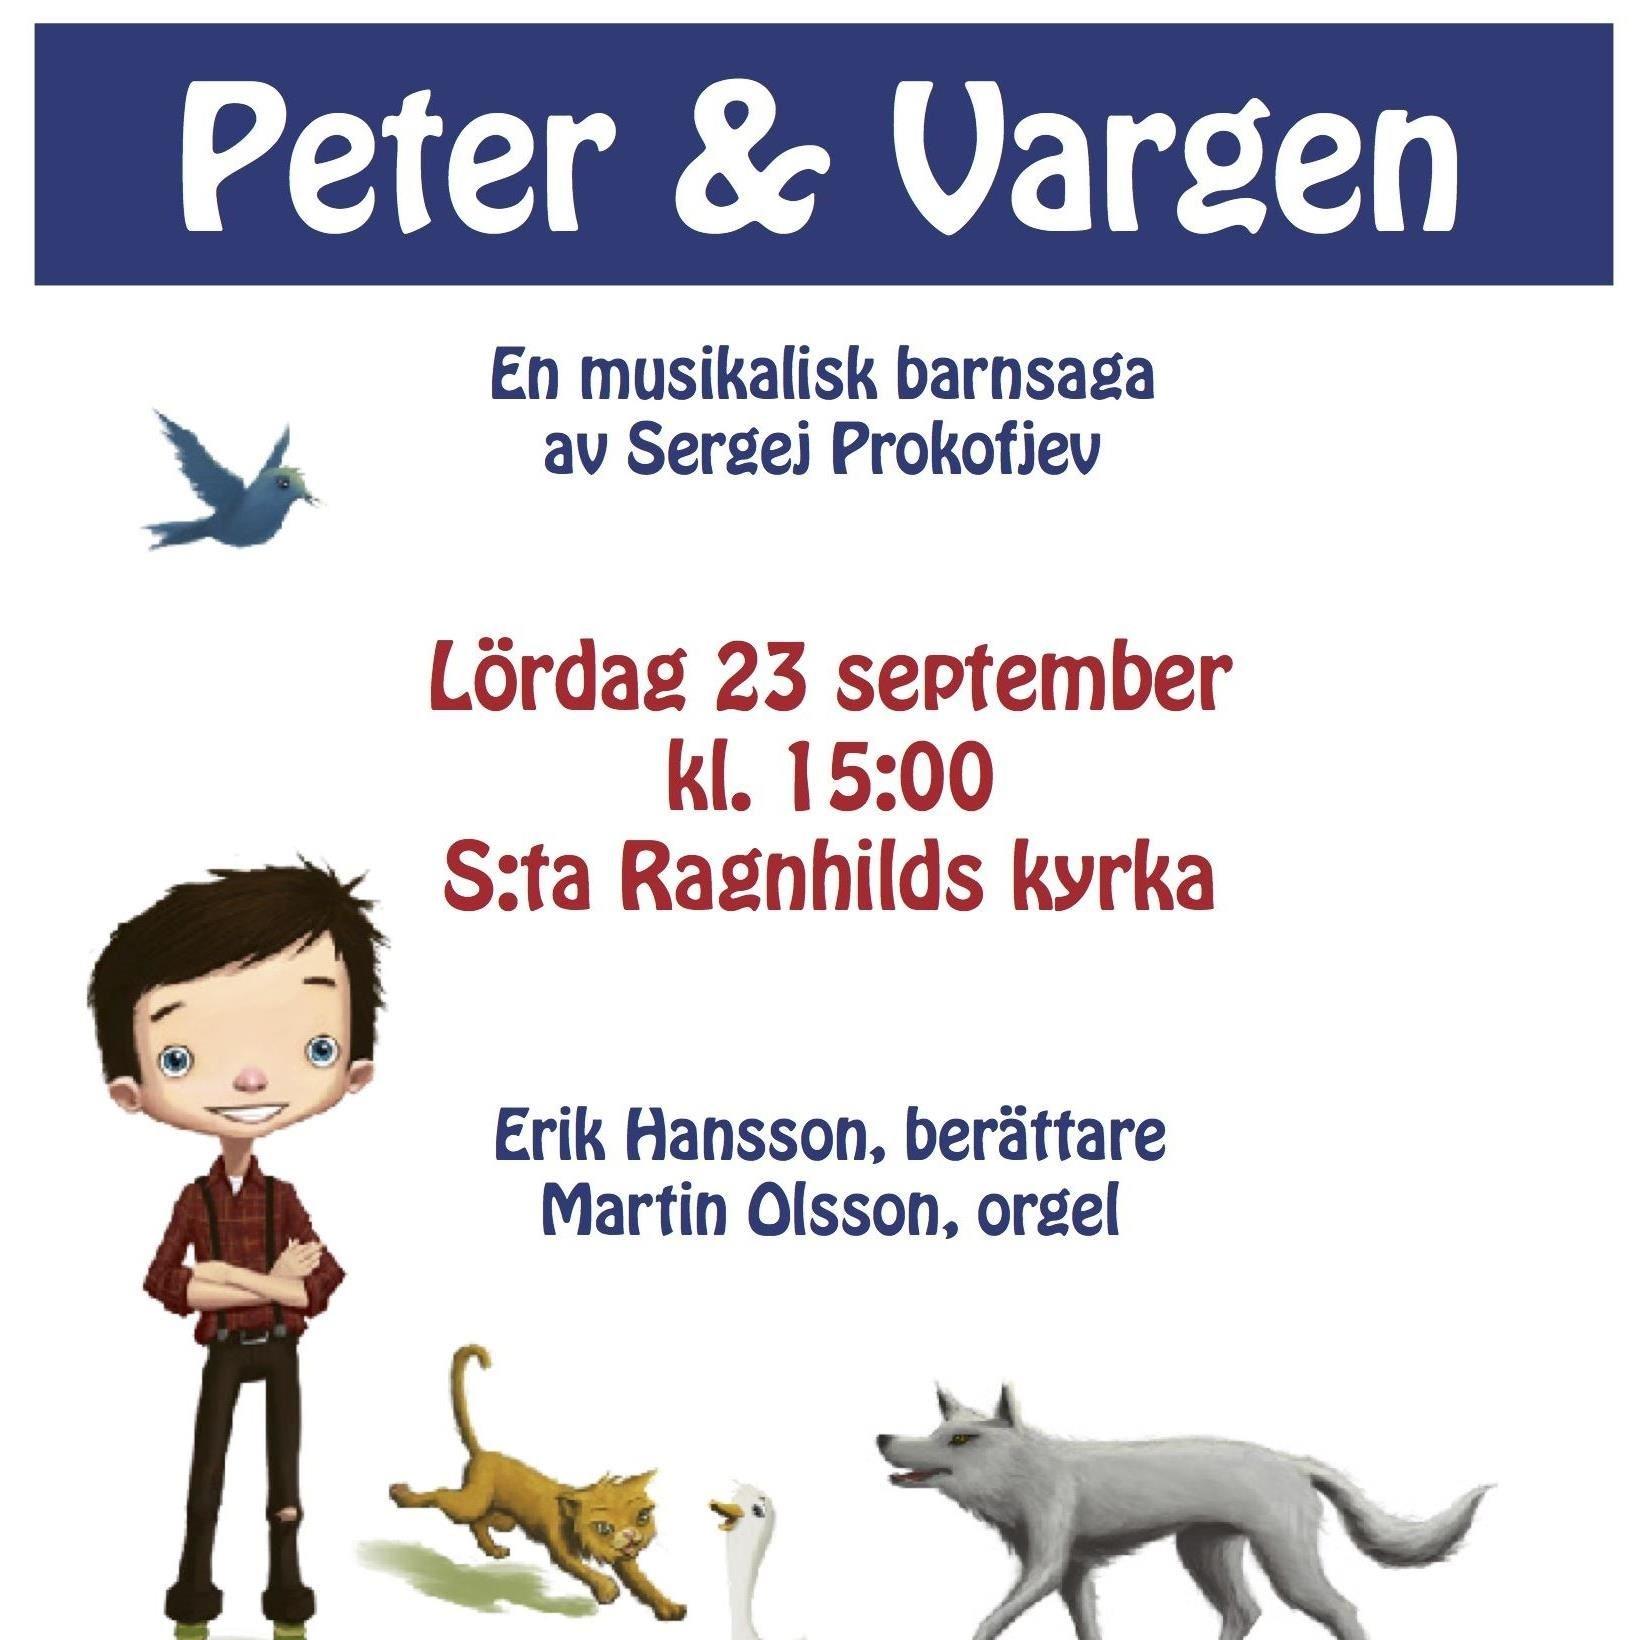 Musikalisk Barnsaga: Peter & Vargen